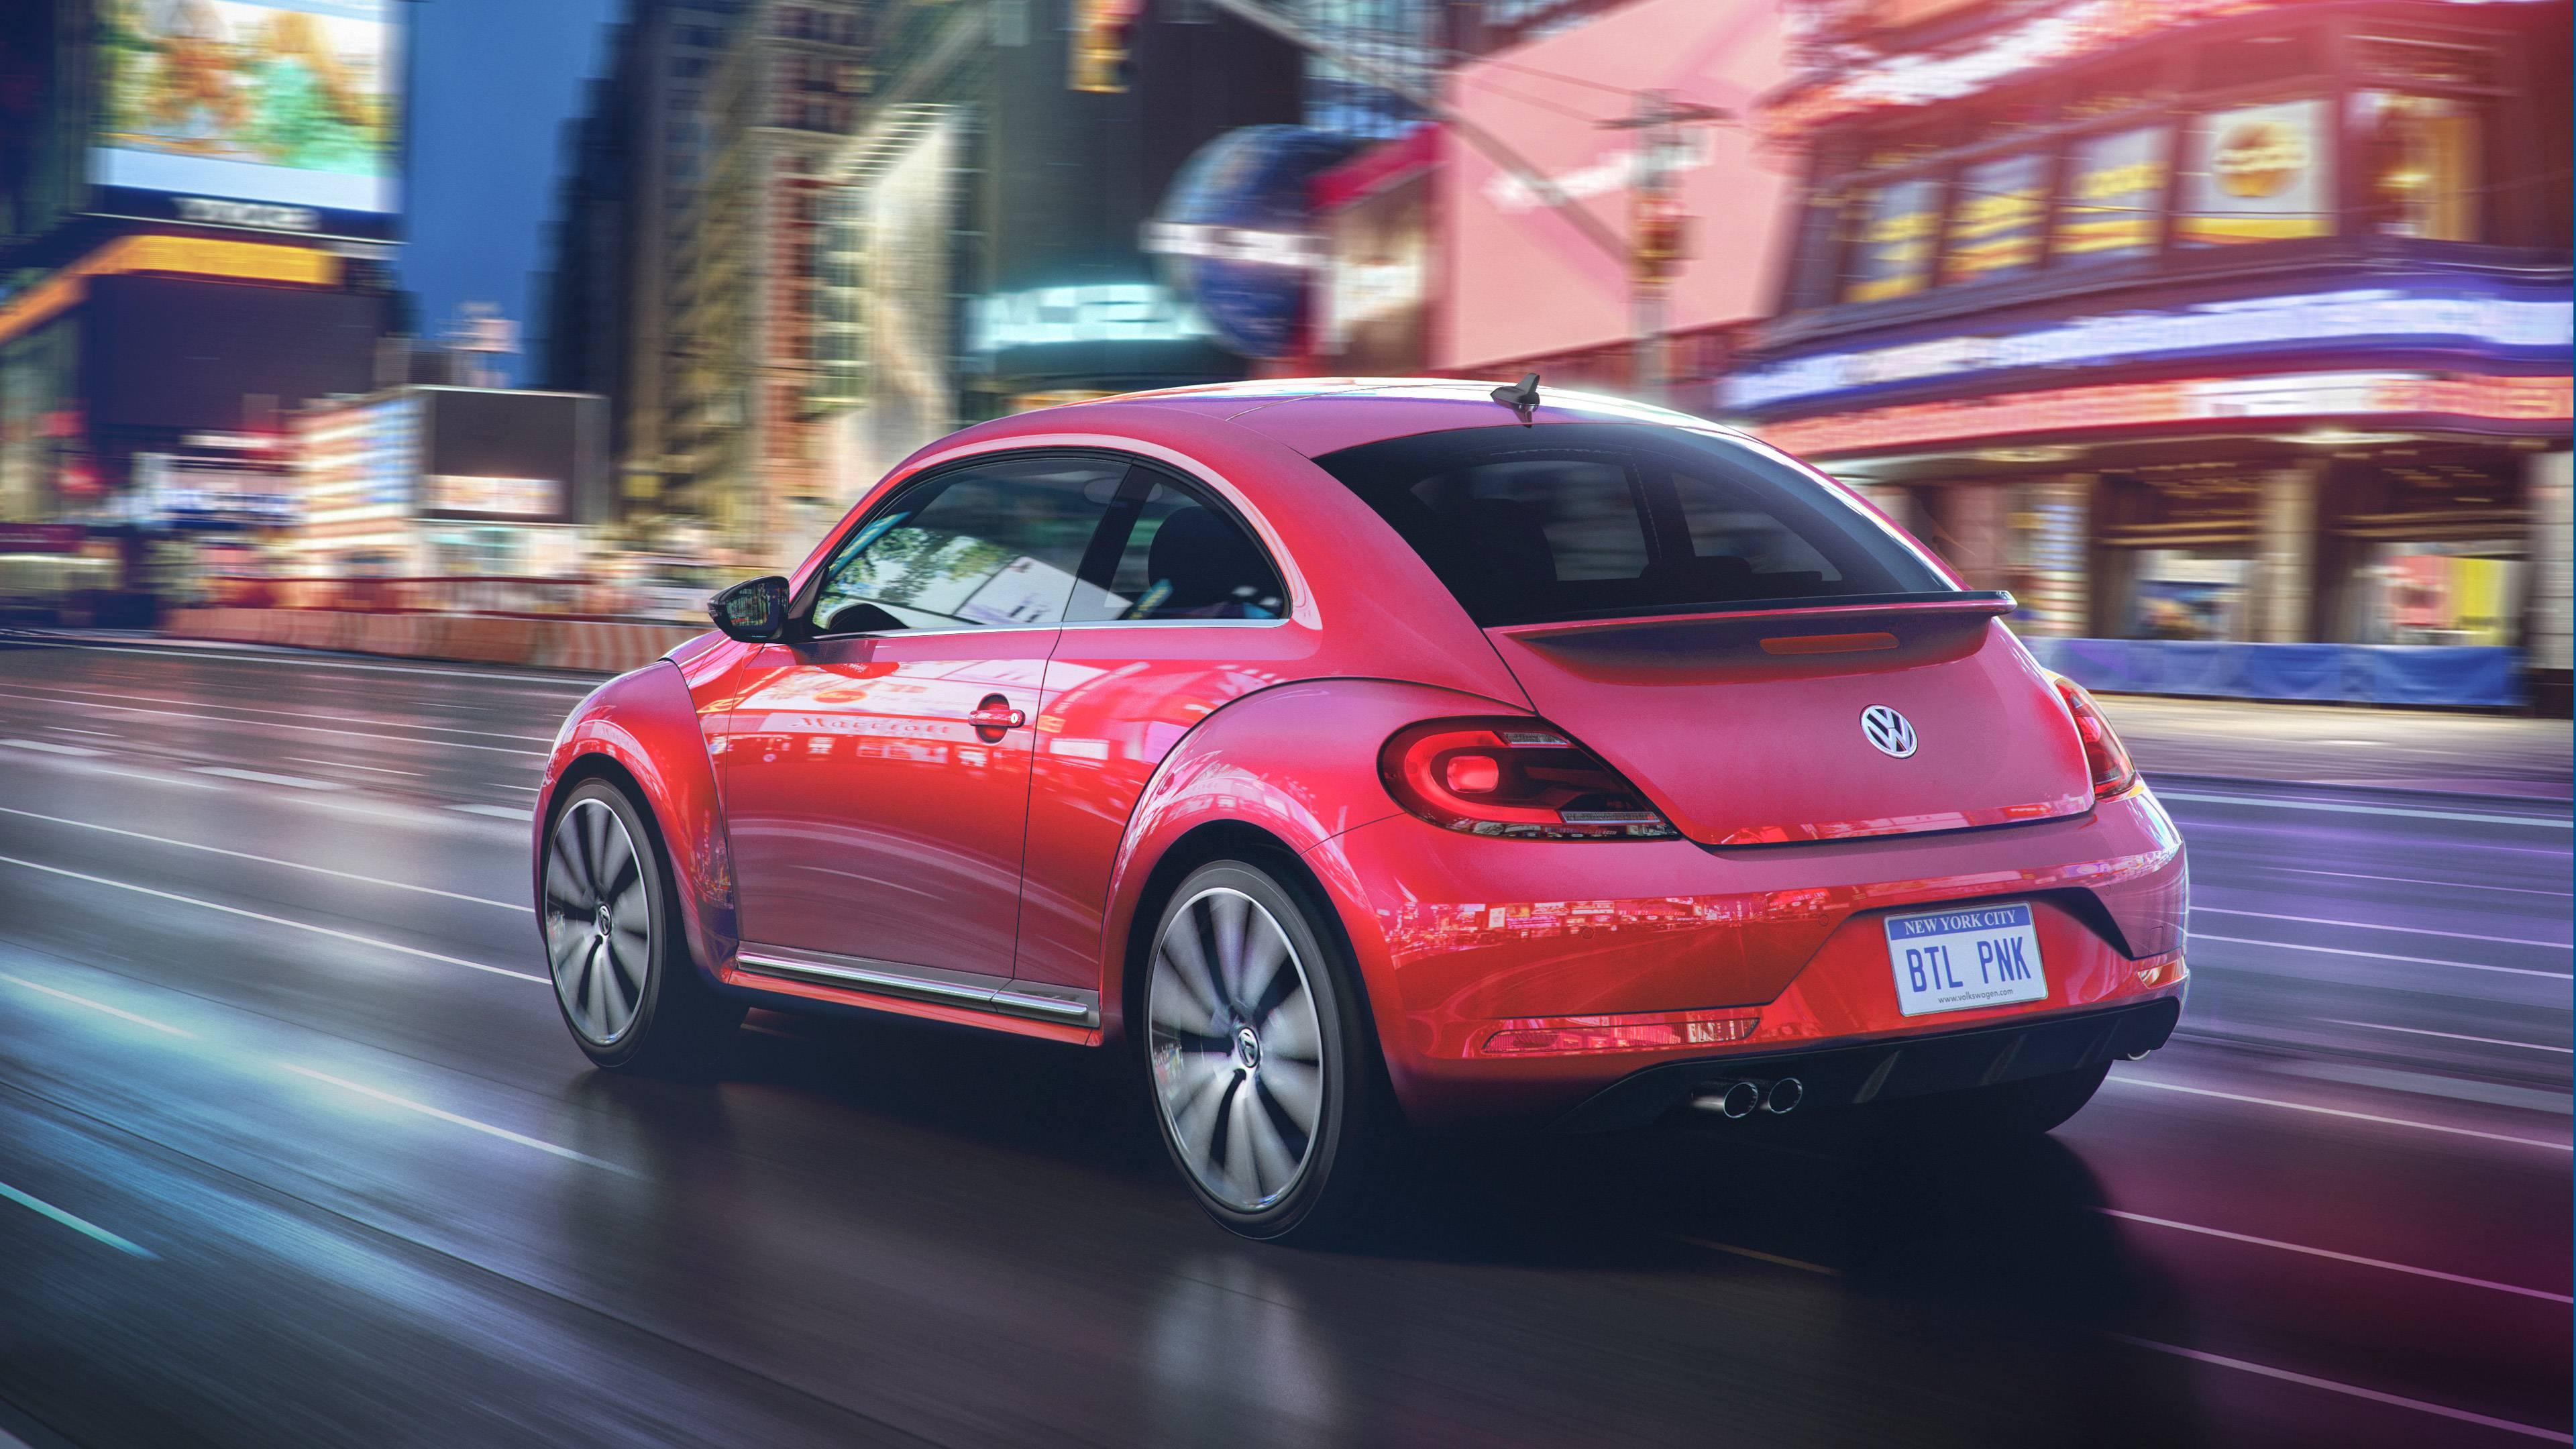 2017 volkswagen pink beetle model 1539104554 - 2017 Volkswagen Pink Beetle Model - volkswagen wallpapers, cars wallpapers, beetle wallpapers, 4k-wallpapers